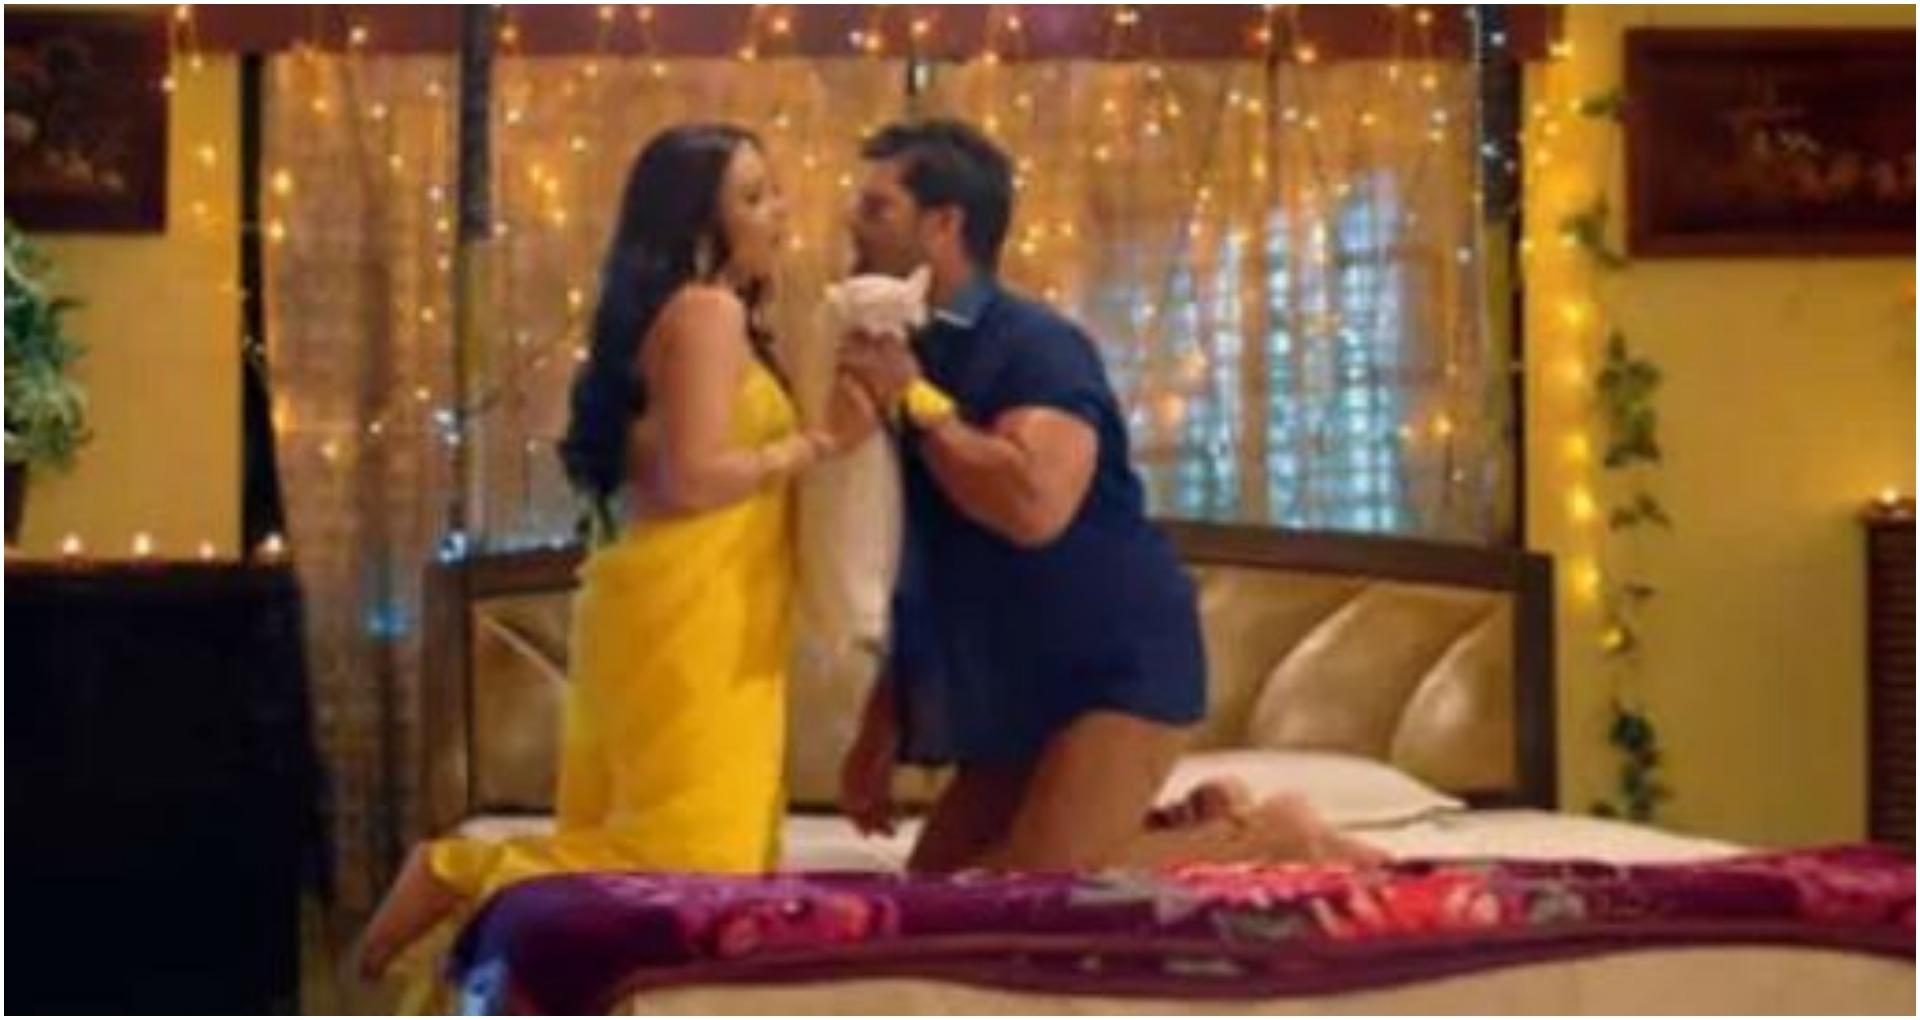 खेसारी लाल 'एक साजिश जाल' में शुभी शर्मा के साथ दिखाई दिए रोमांटिक अंदाज में, देखें वीडियो